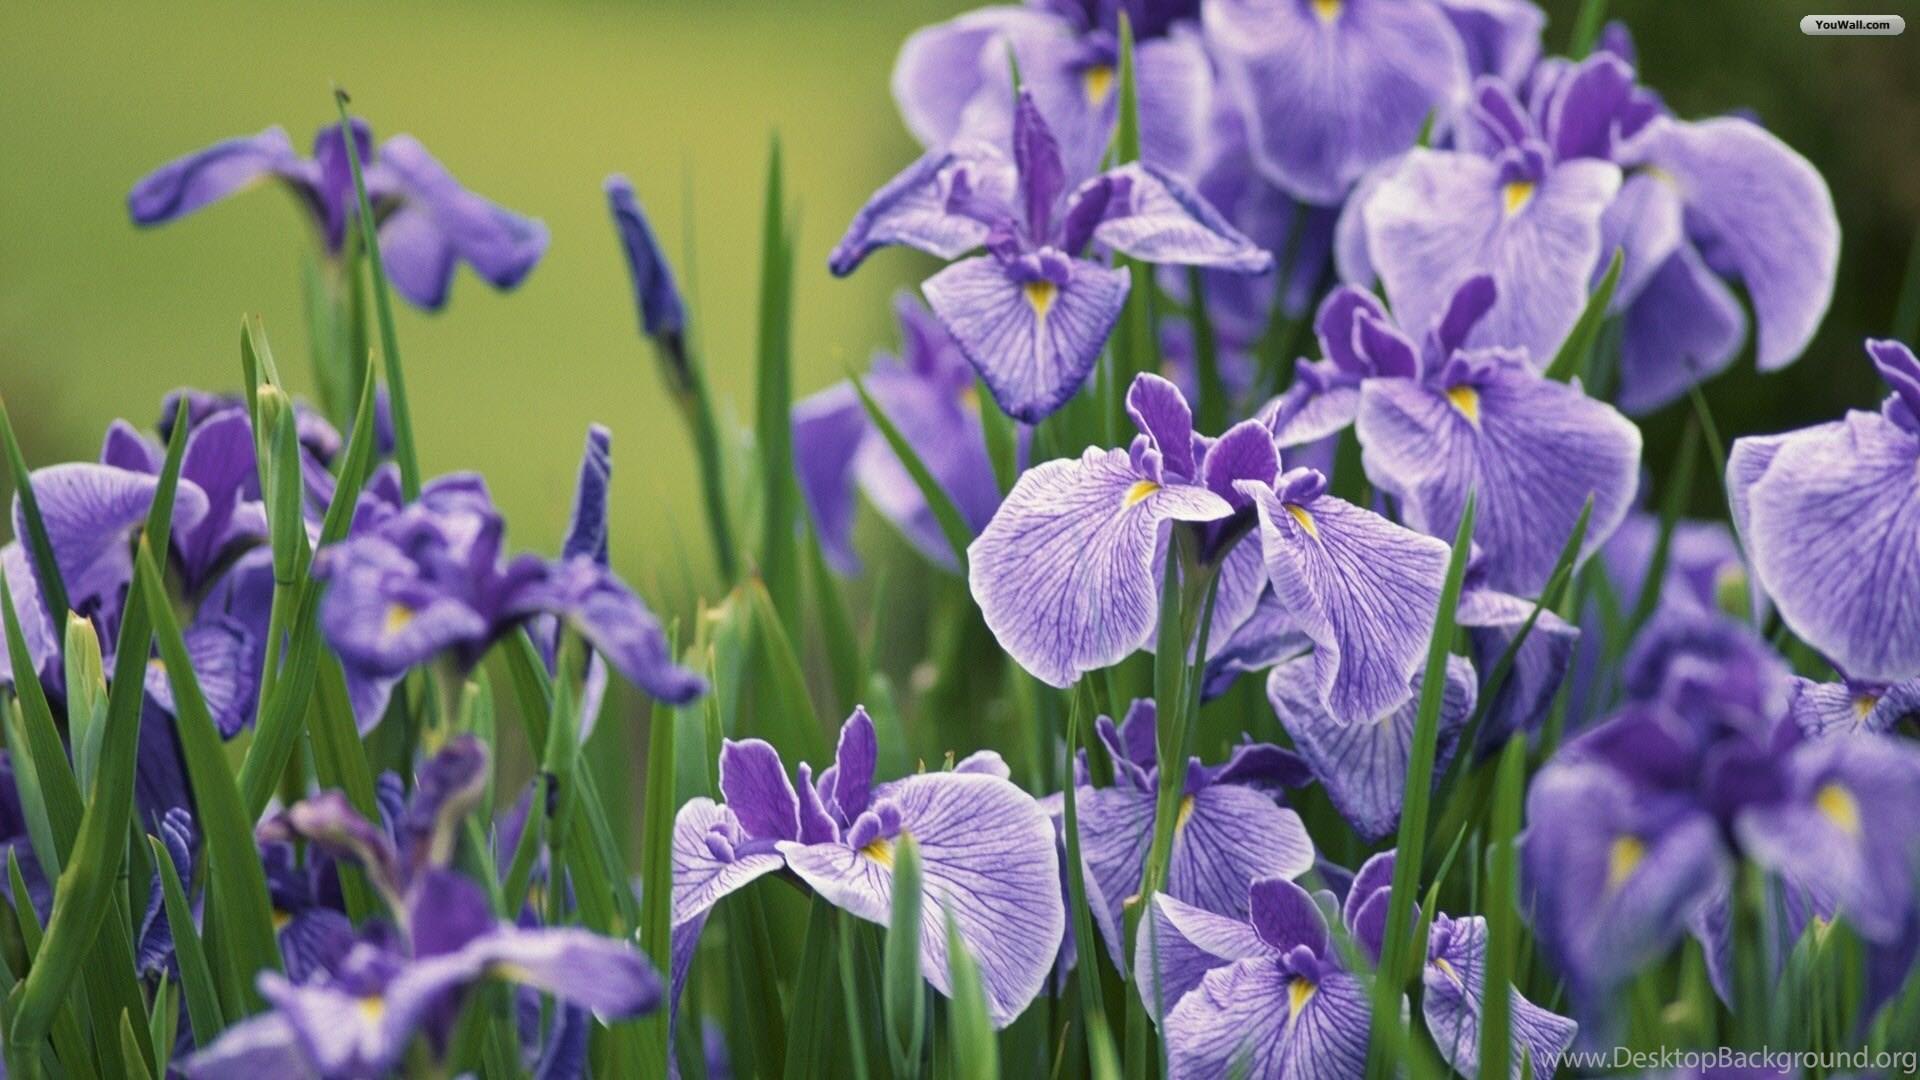 Youwall violet iris flowers wallpapers wallpaperwallpapers popular izmirmasajfo